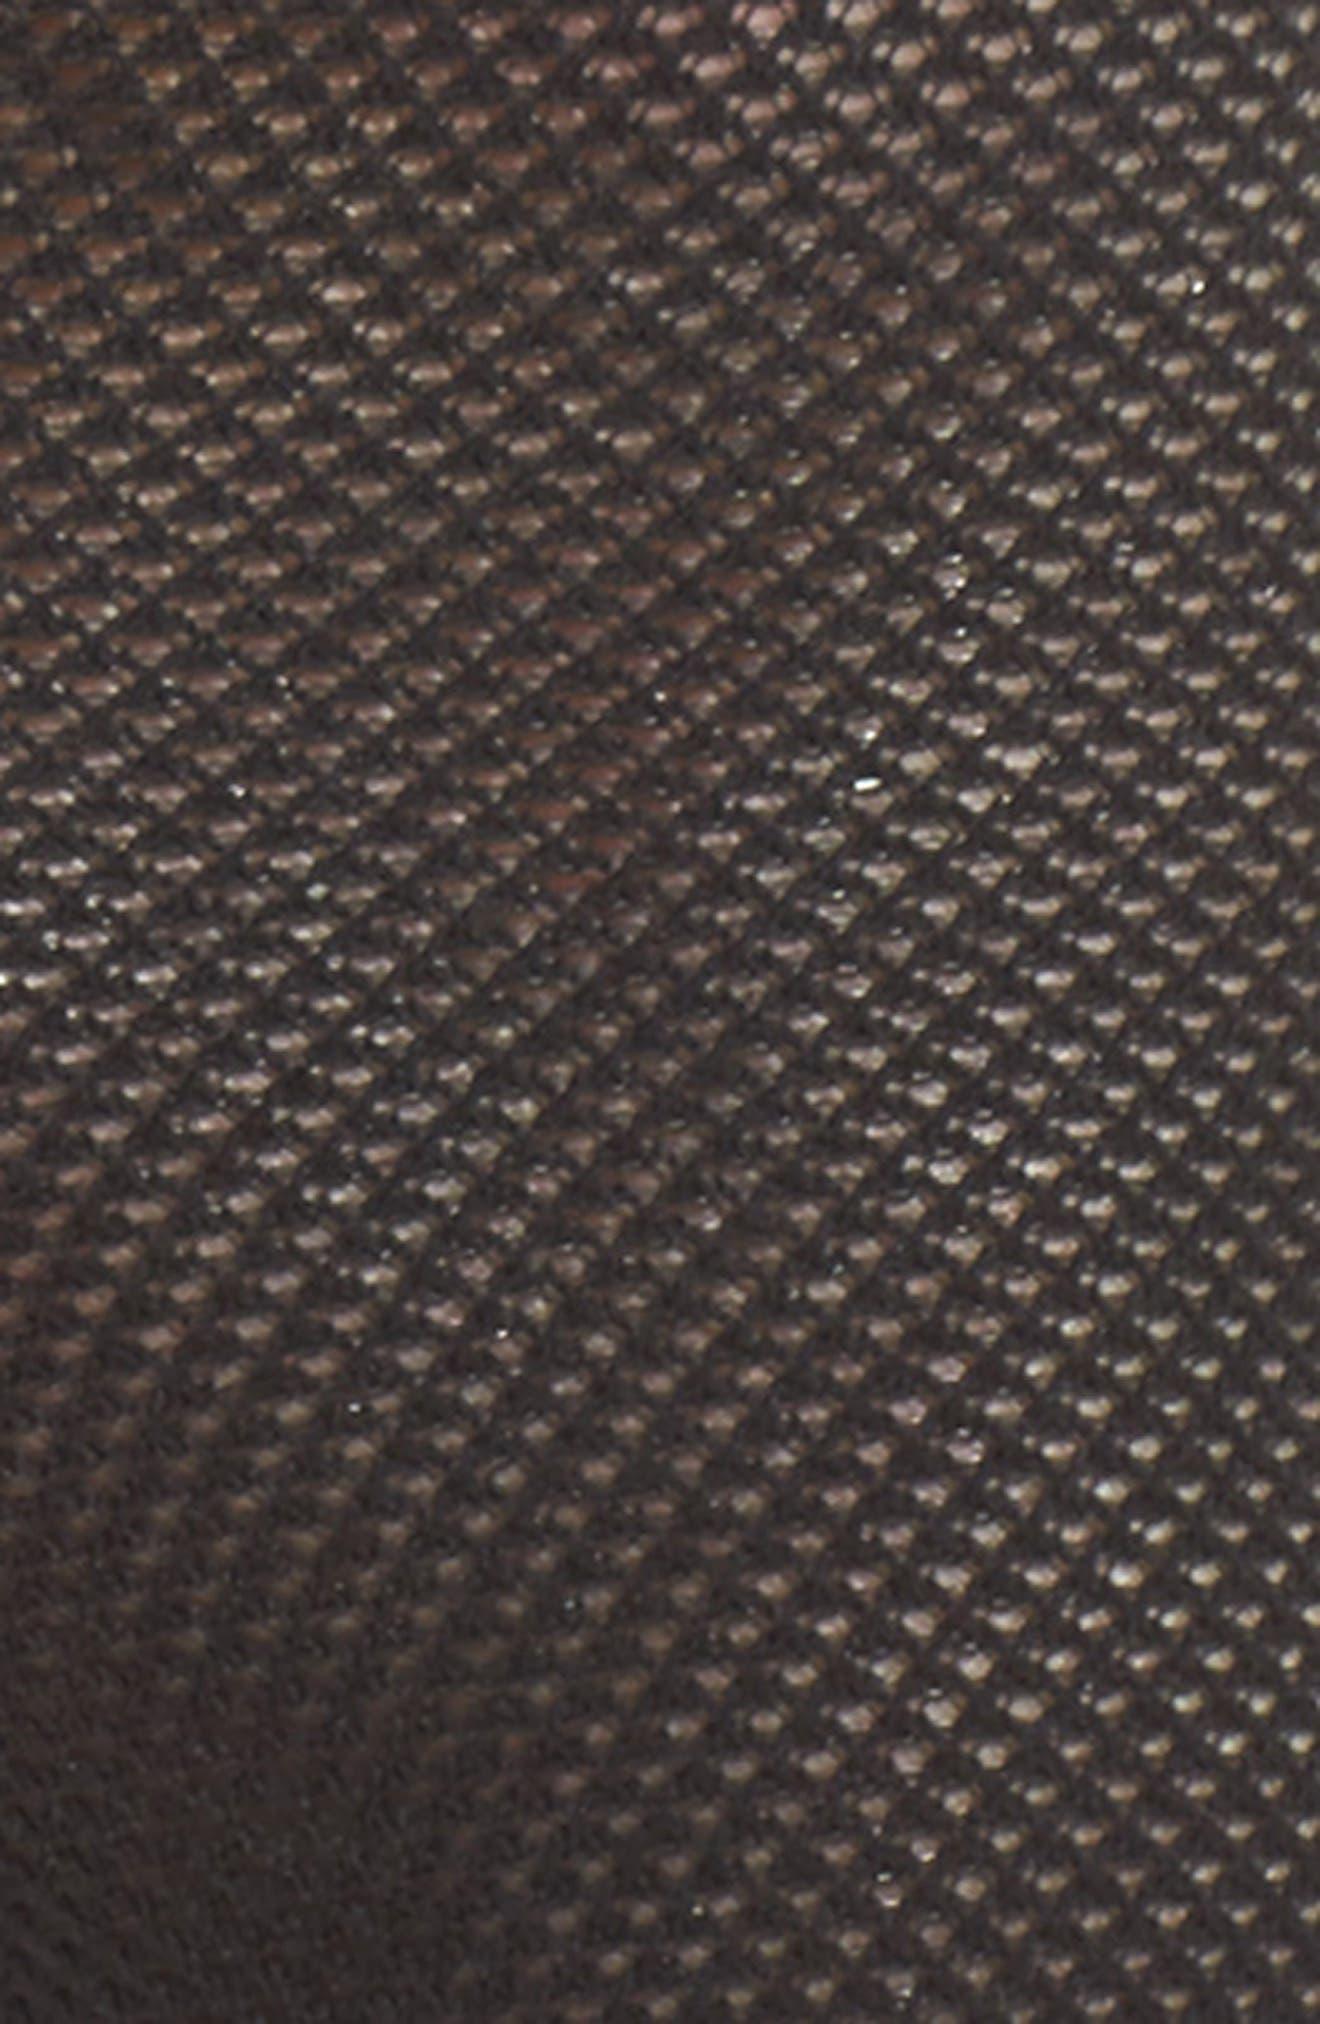 Stripe Mesh Ankle Socks,                             Alternate thumbnail 3, color,                             001